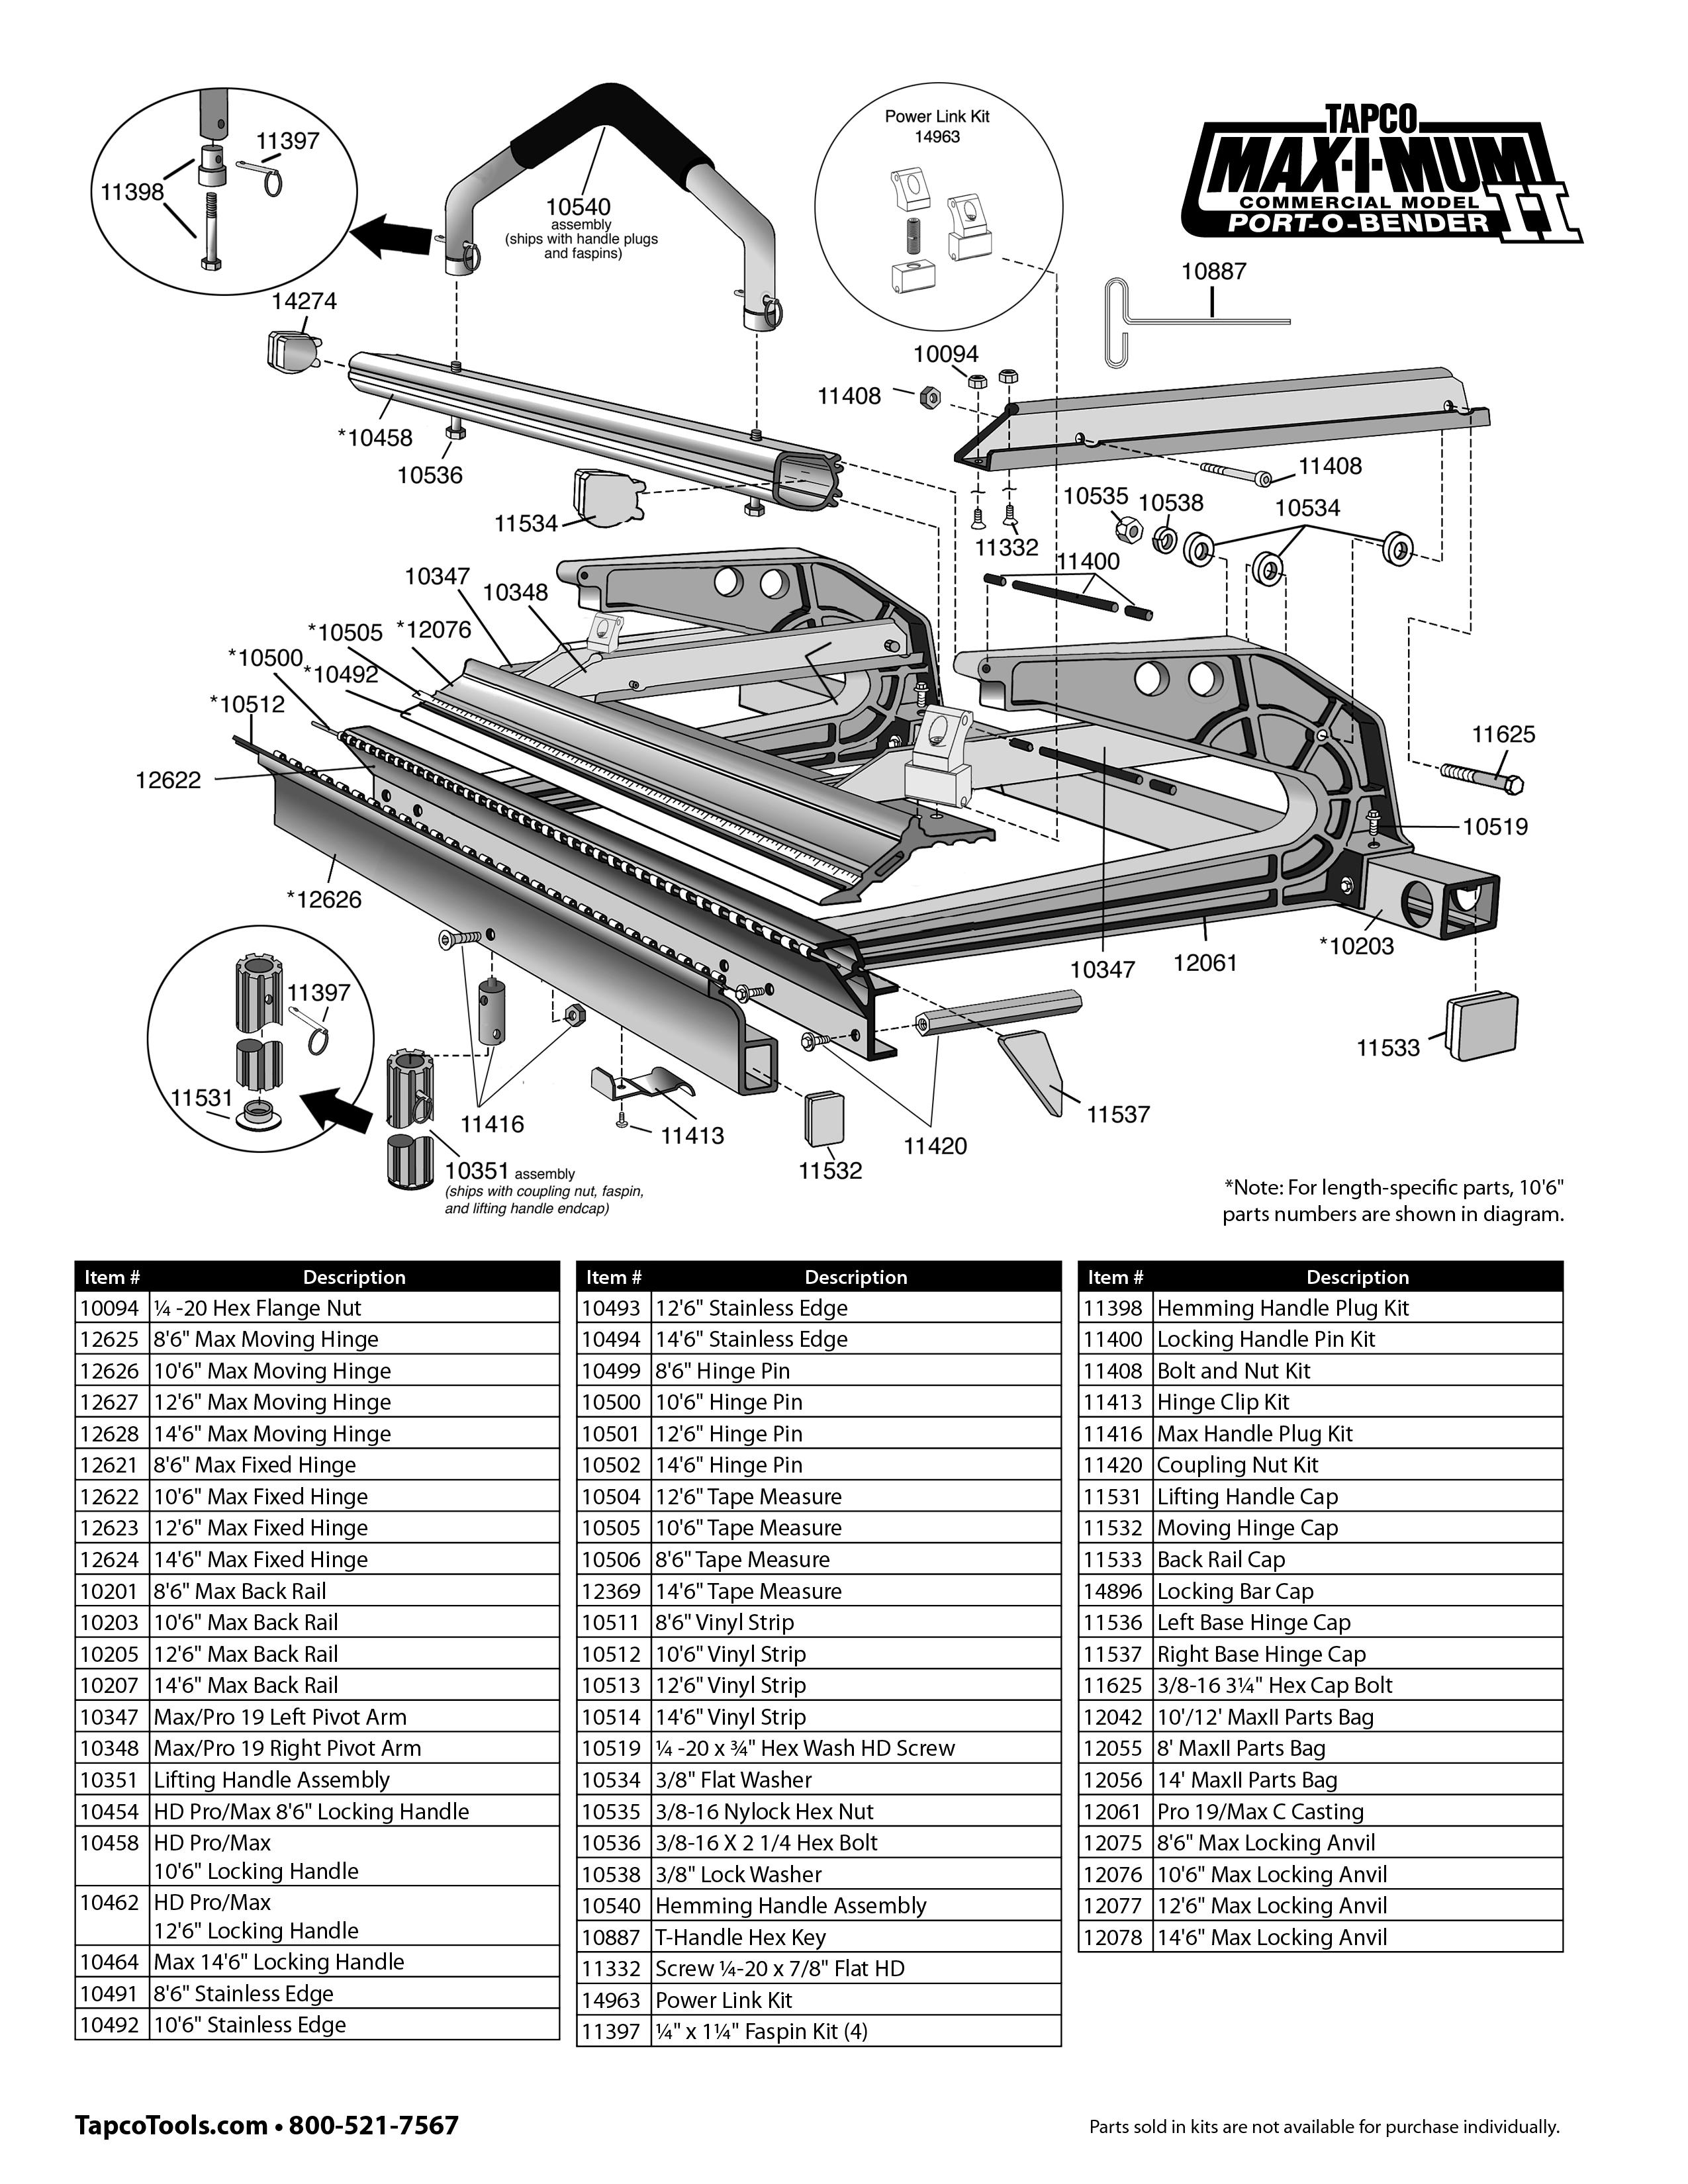 Tapco Maximum Replacement Parts